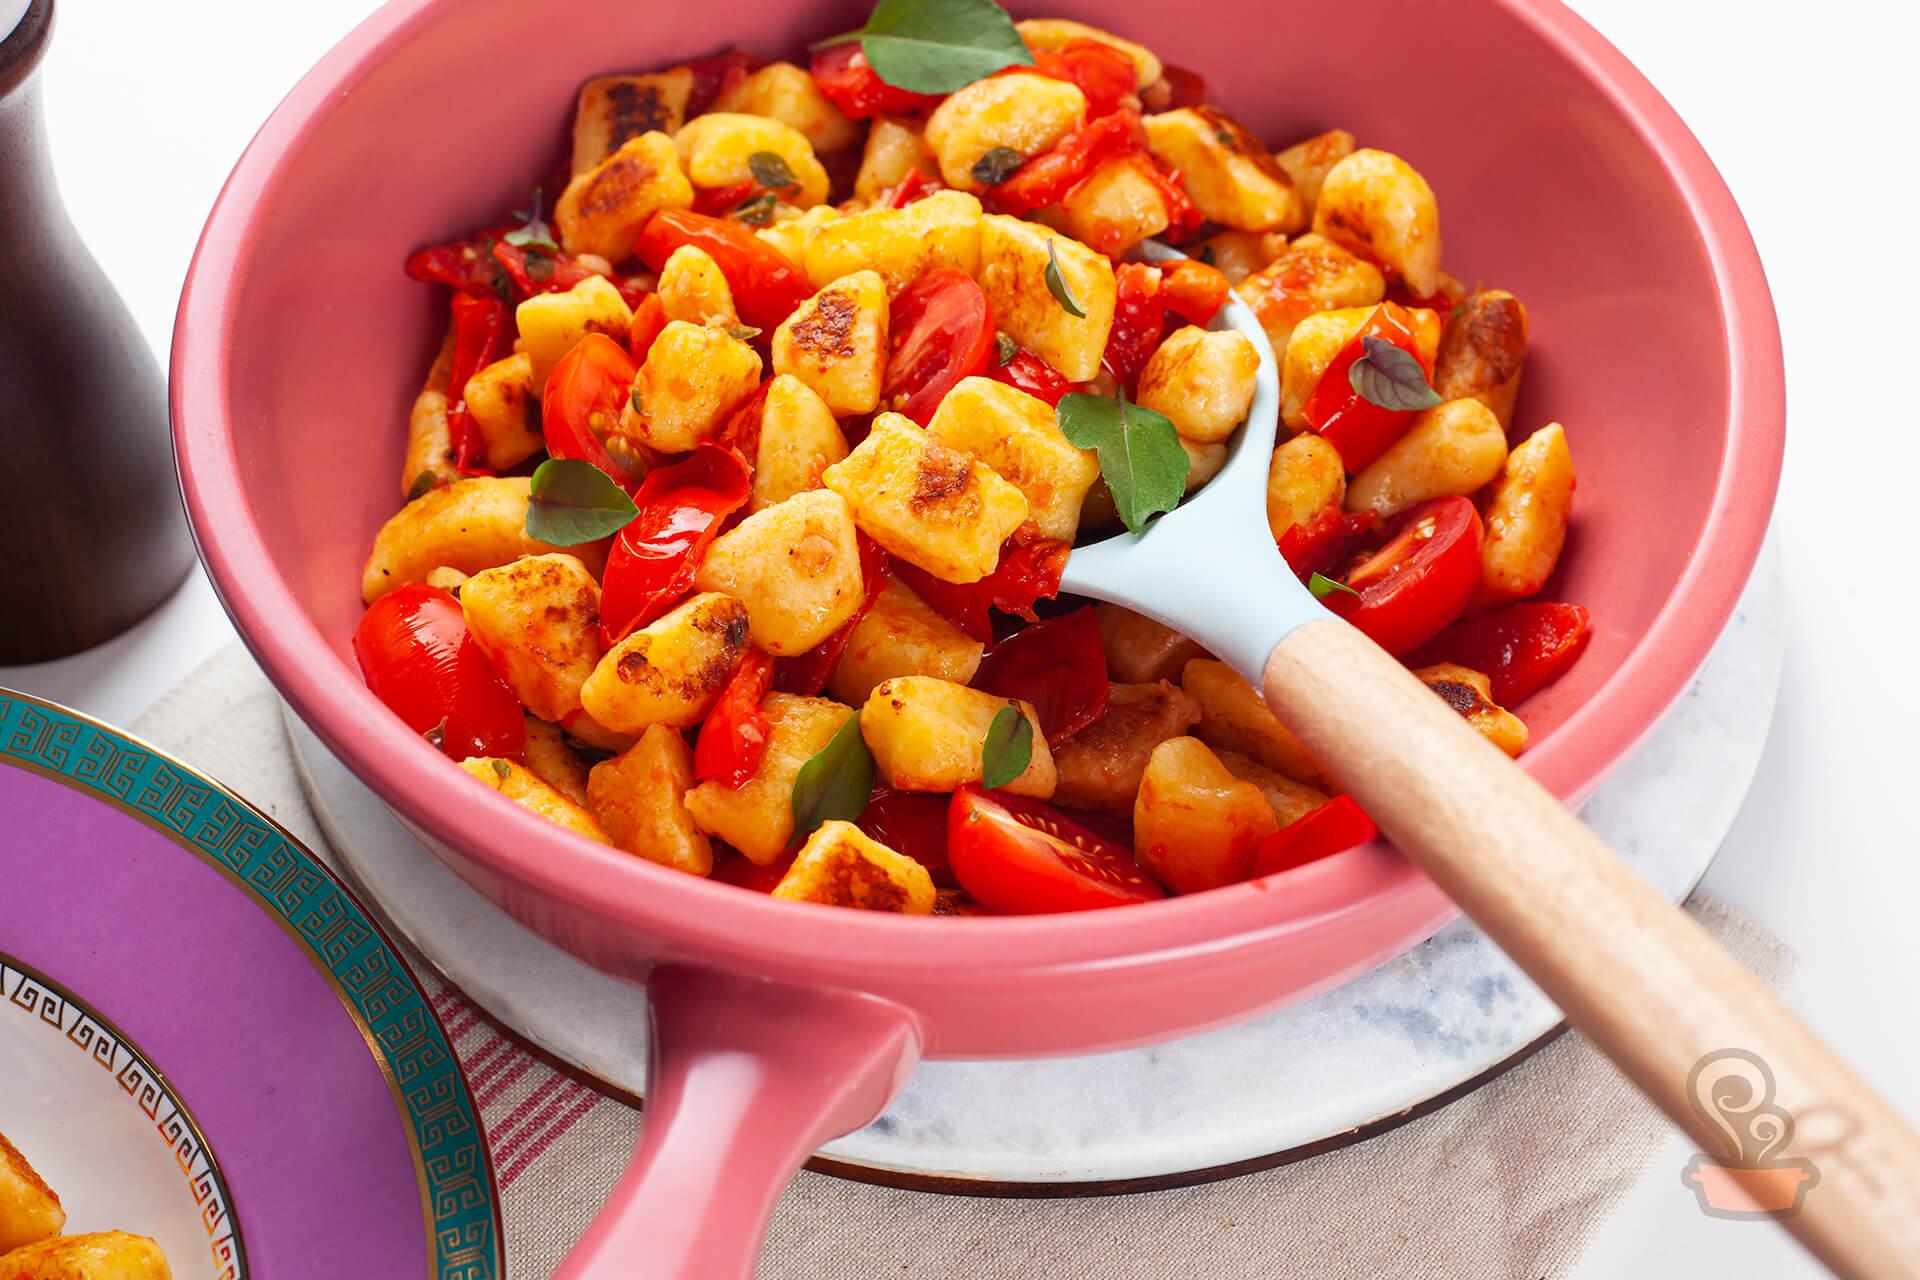 Nhoque de batata baroa com molho de tomates frescos. A frigideira é a Linea Rosé e o prato é da coleção Joia Brasileira, ambos da Oxford. Os utensílios que aparecem na foto também são da Oxford. Foto: Naminhapanela